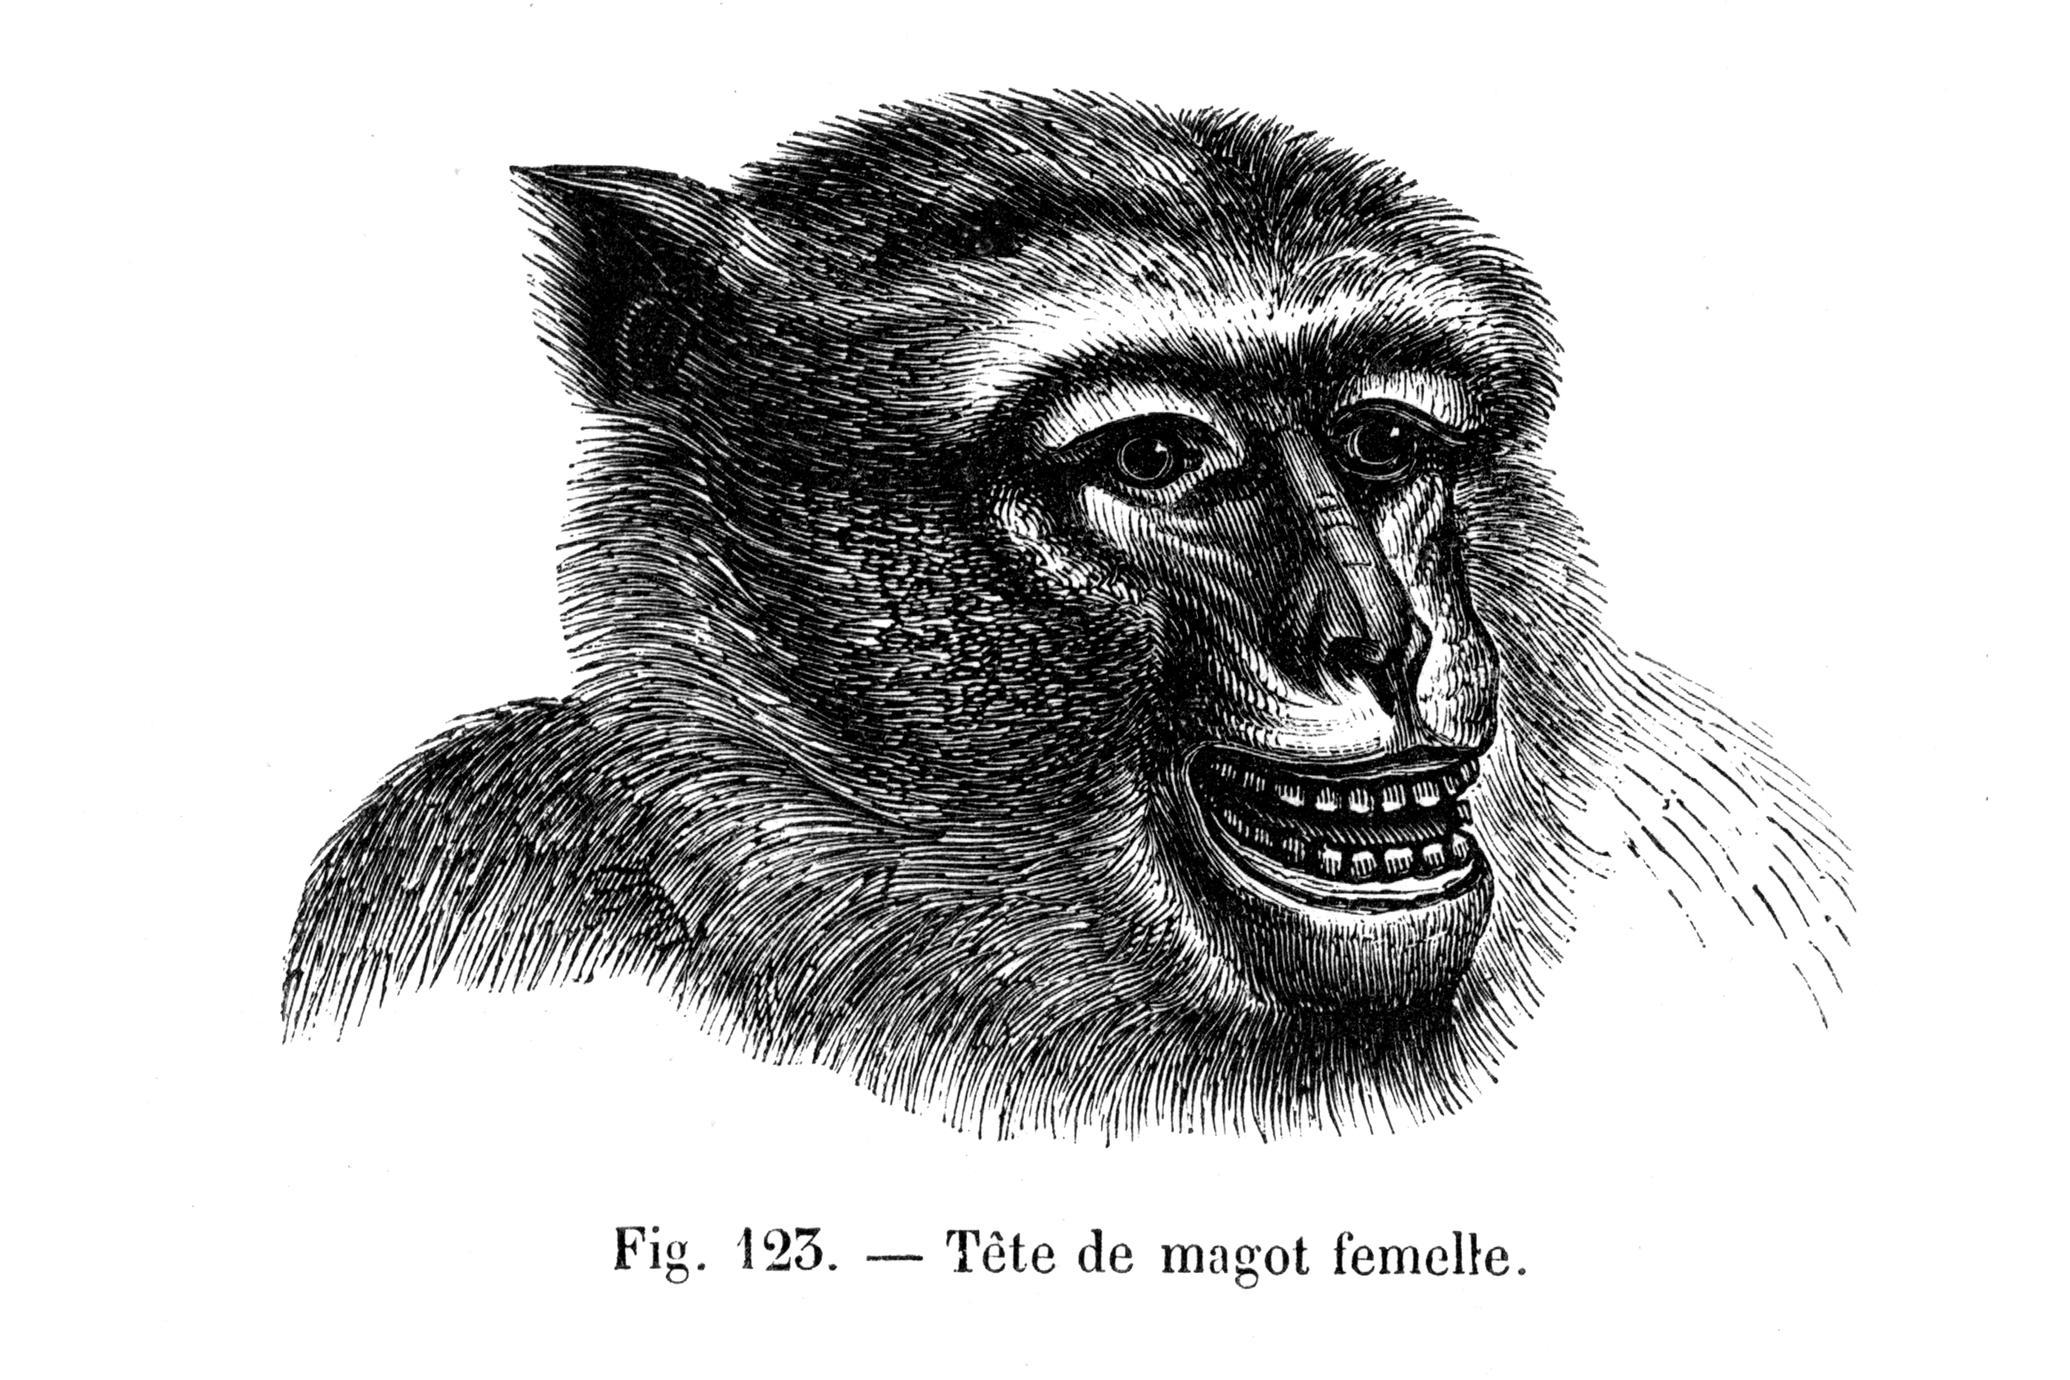 Tète de magot femelle